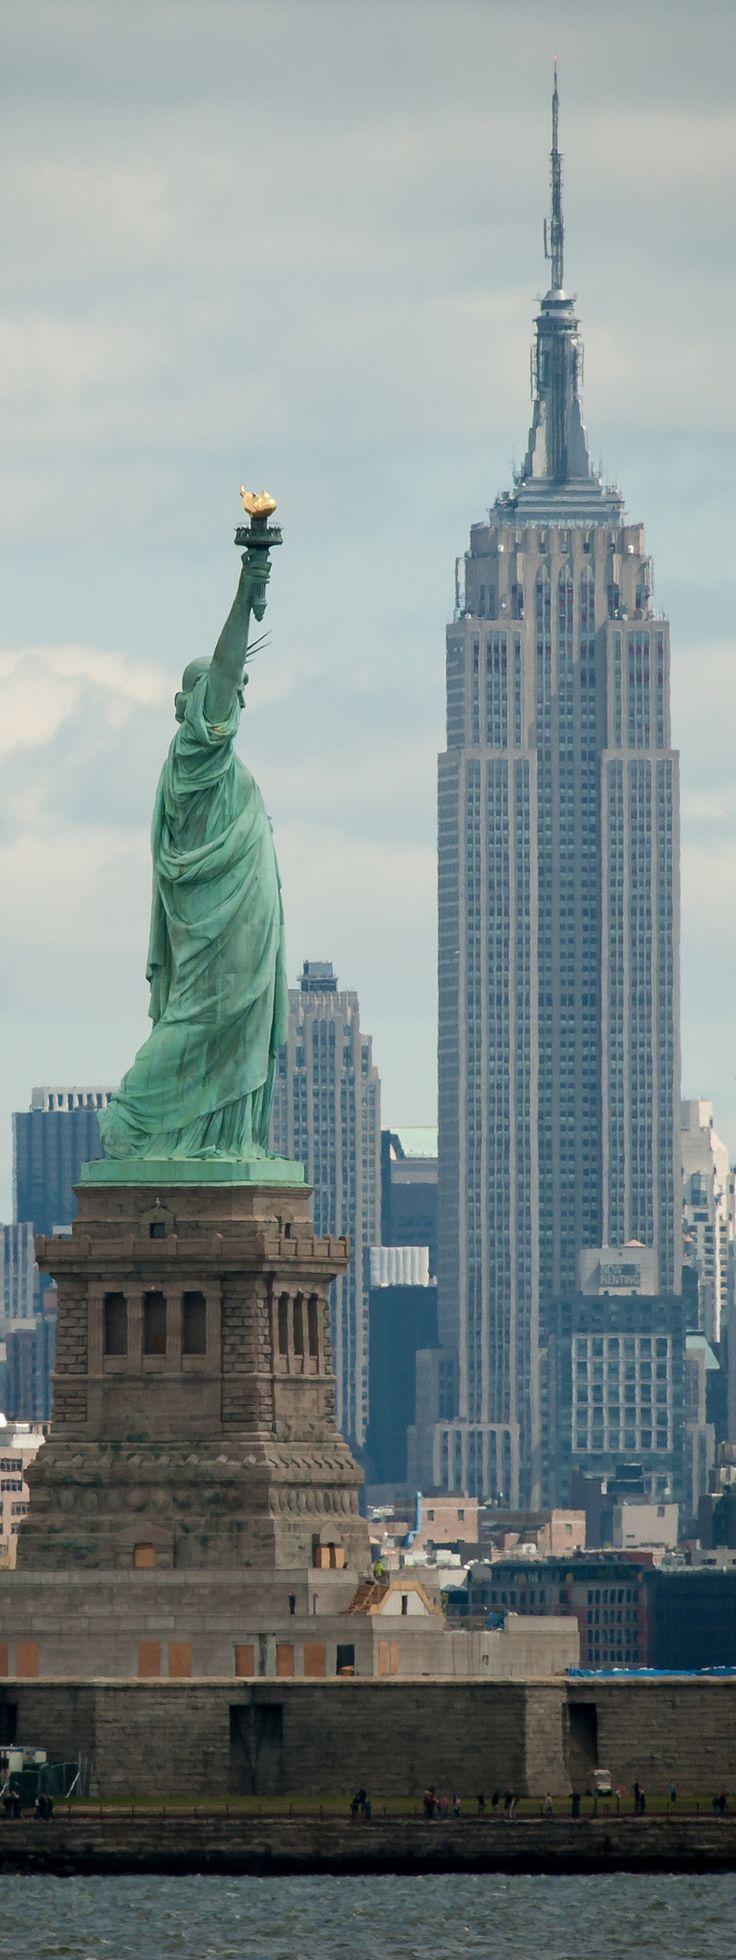 Ich möchte wirklich New York besuchen! Ich fühle mich wie es ist mein Stadtseelengefährte und ich